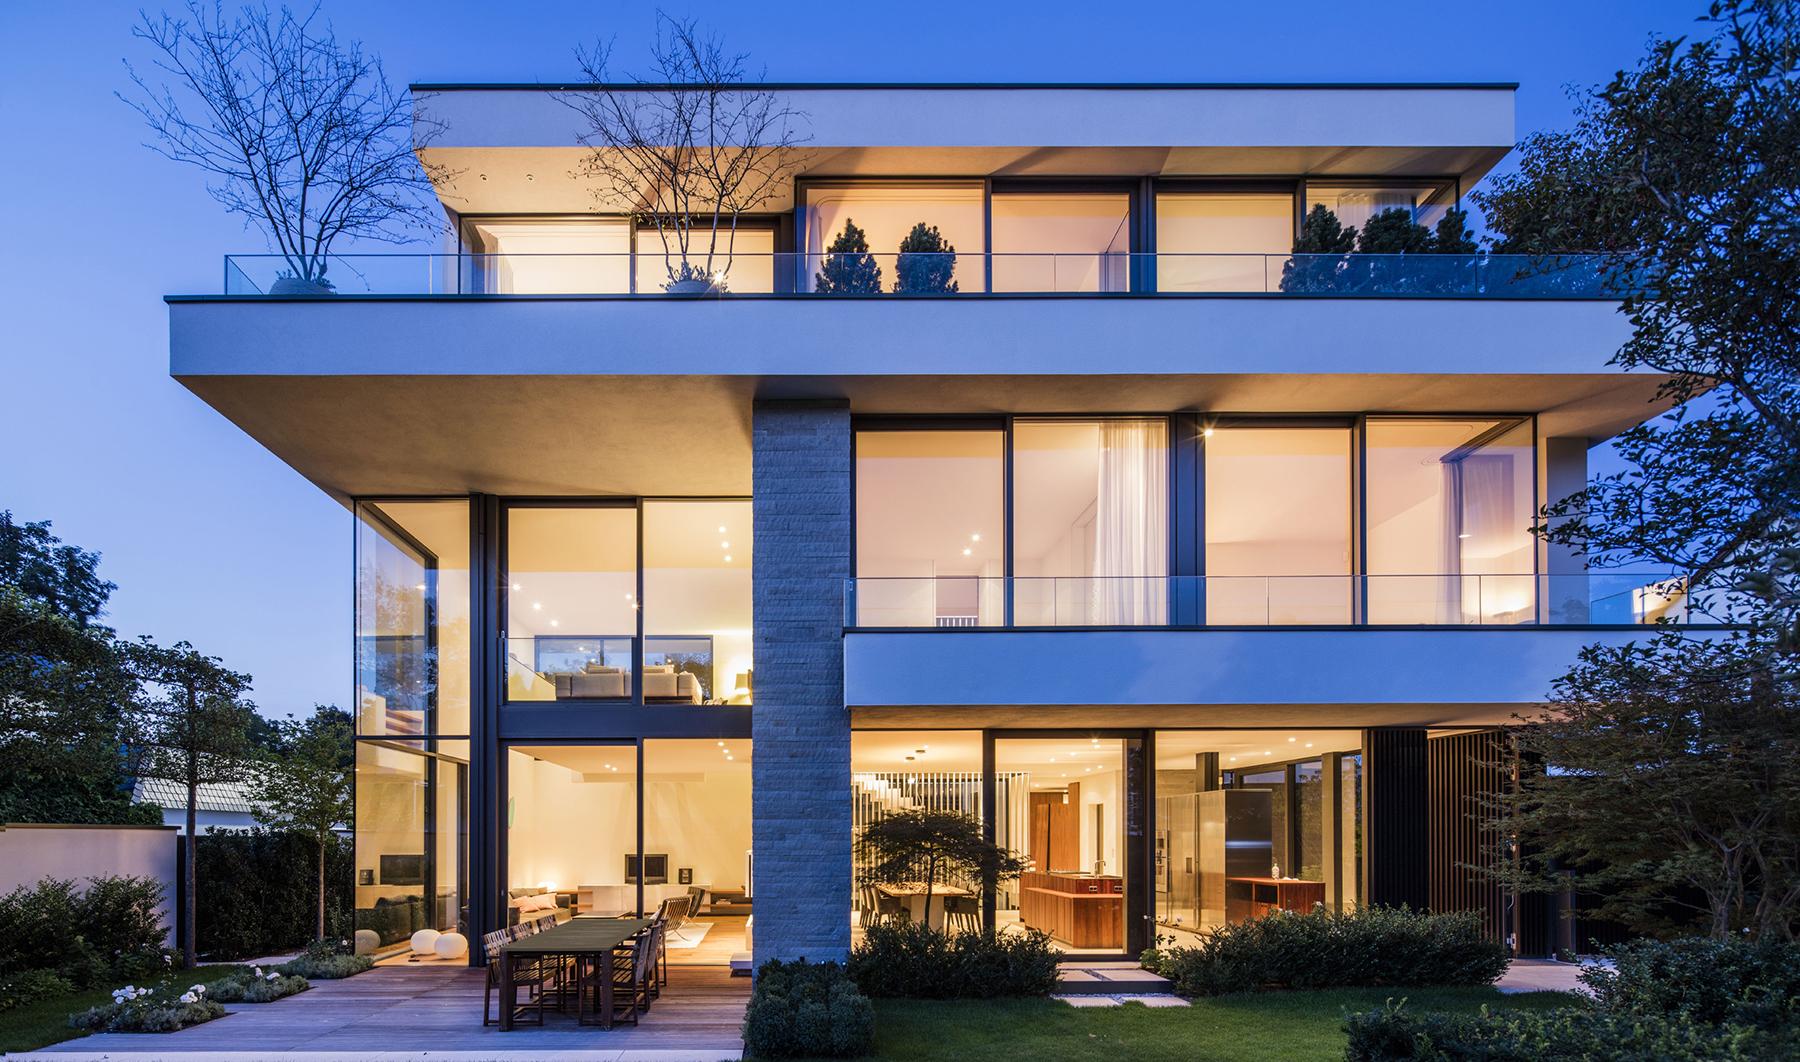 haus ti frankfurt deutschland - Architektur Wohnhaus Fuchs Und Wacker